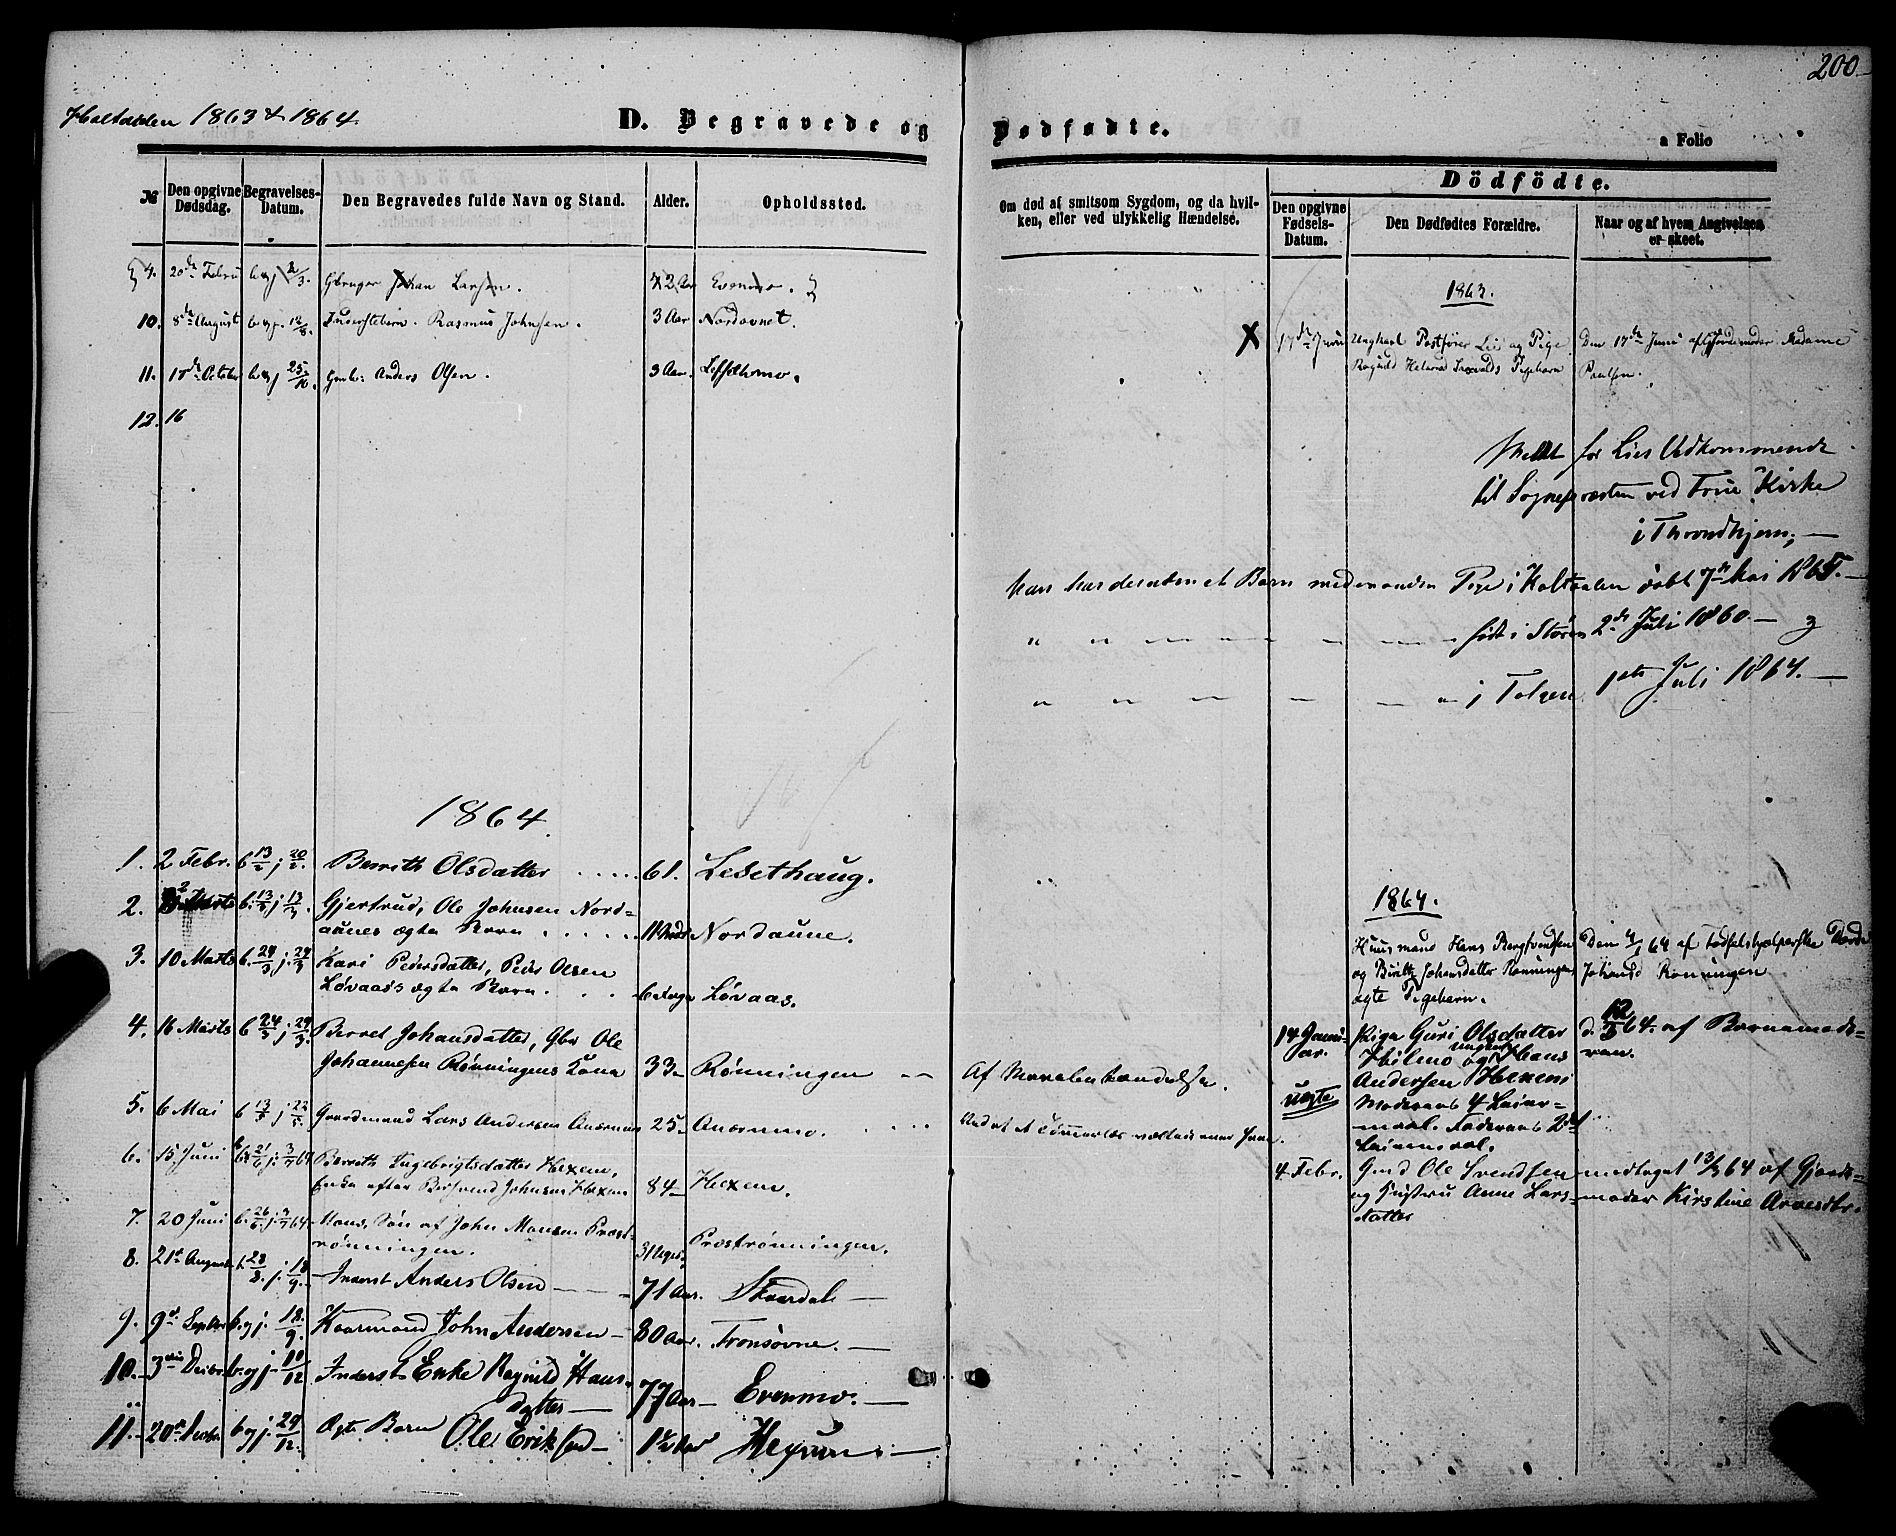 SAT, Ministerialprotokoller, klokkerbøker og fødselsregistre - Sør-Trøndelag, 685/L0966: Ministerialbok nr. 685A07 /1, 1860-1869, s. 200